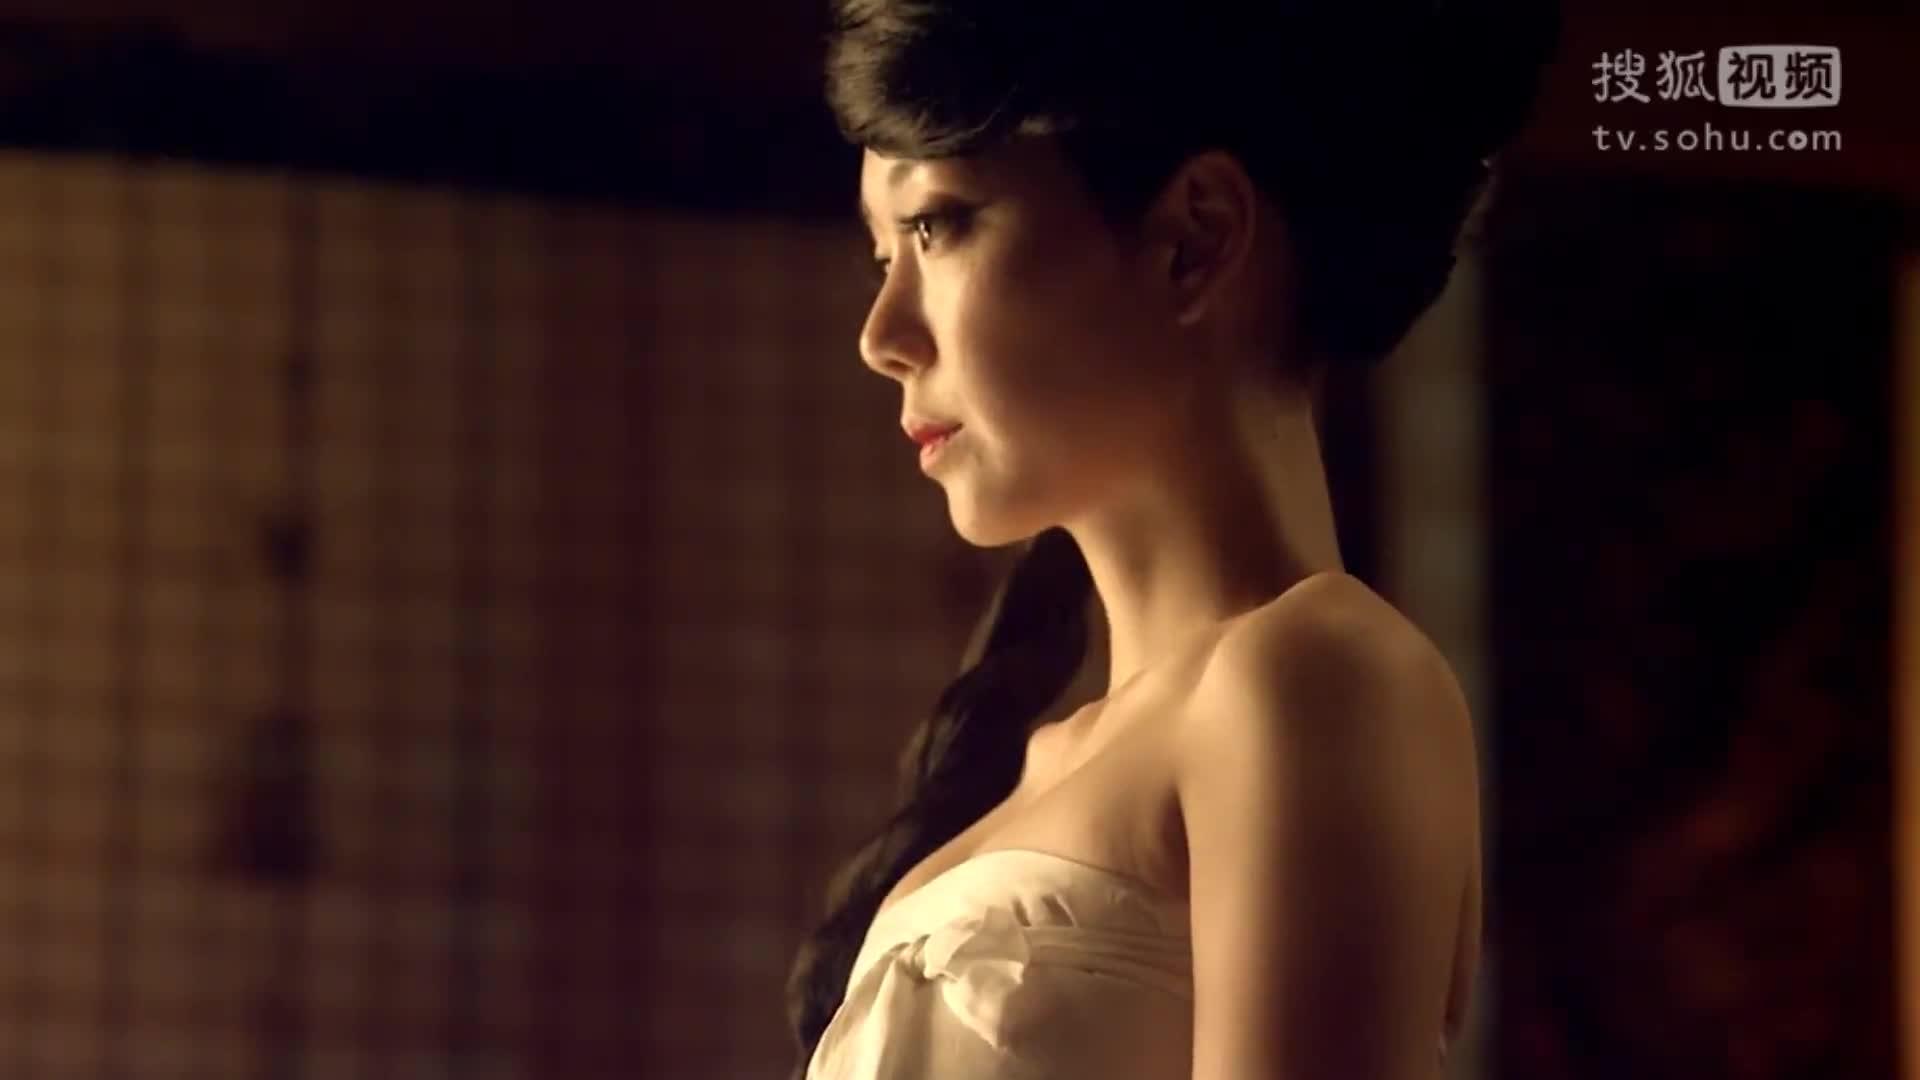 怎么下载色情电影种子_电影《色即是空》和《色即是空2》无删节有汉语字幕的种子,或迅雷下载